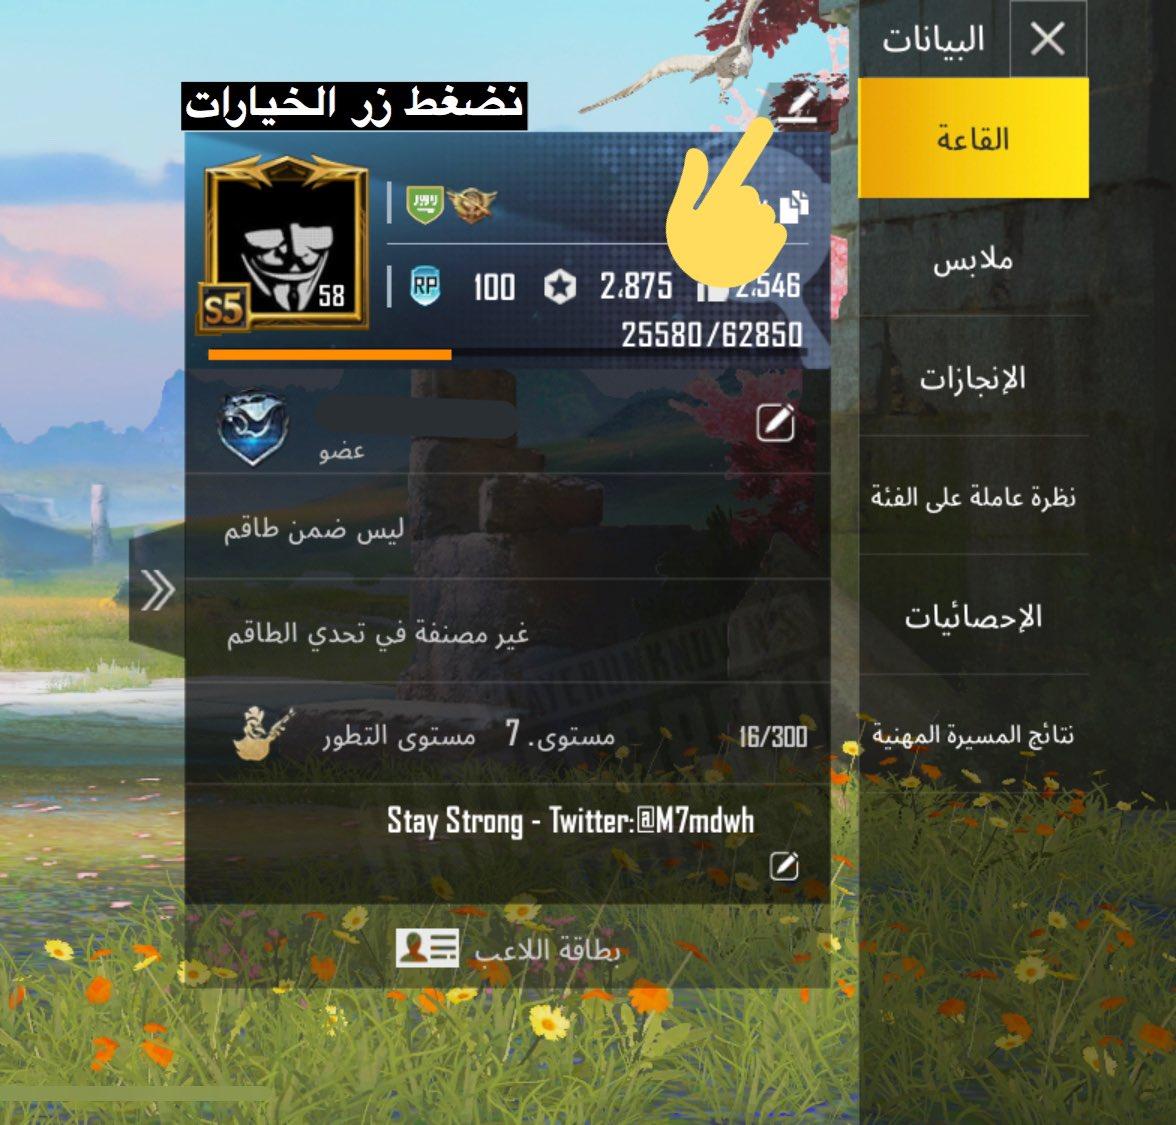 ببجي بالعربي Ar Twitter لكثرة الاسأله عنها طريقة إخفاء أسماء